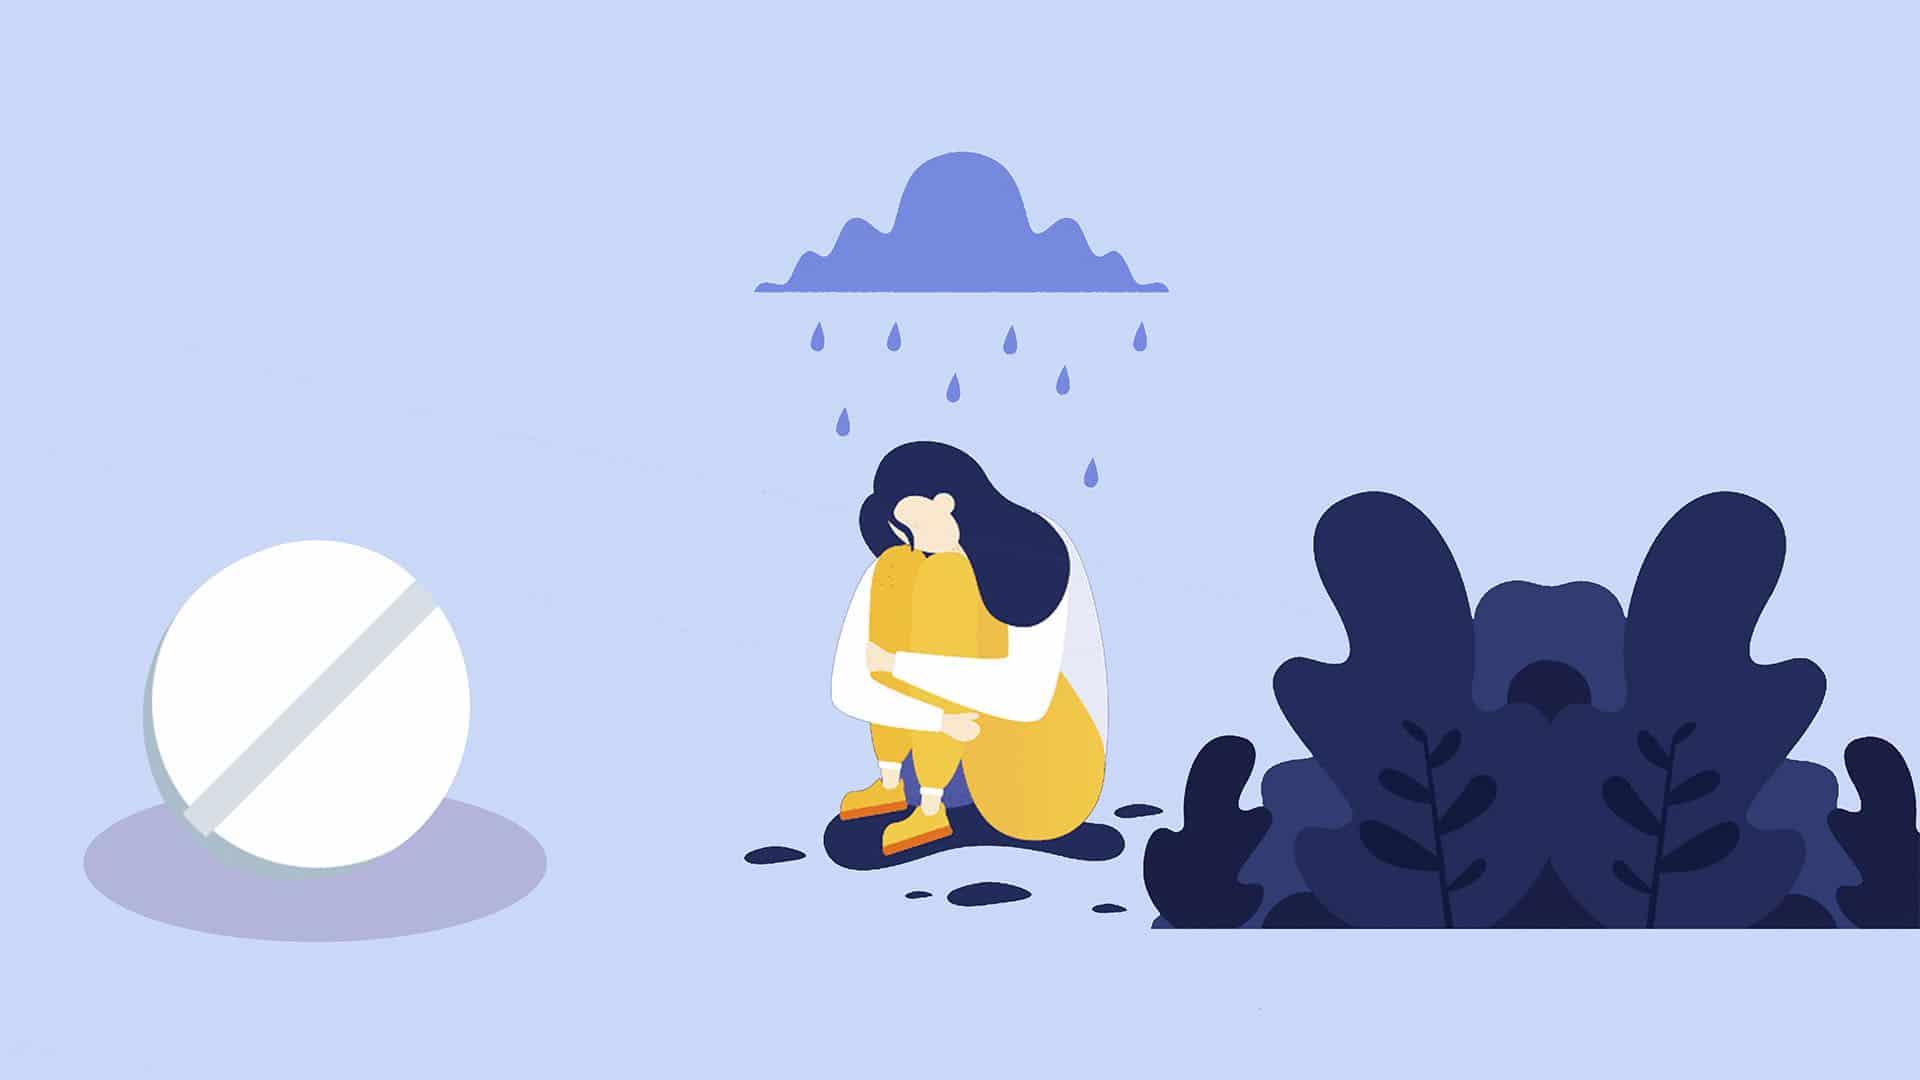 modafinil depression